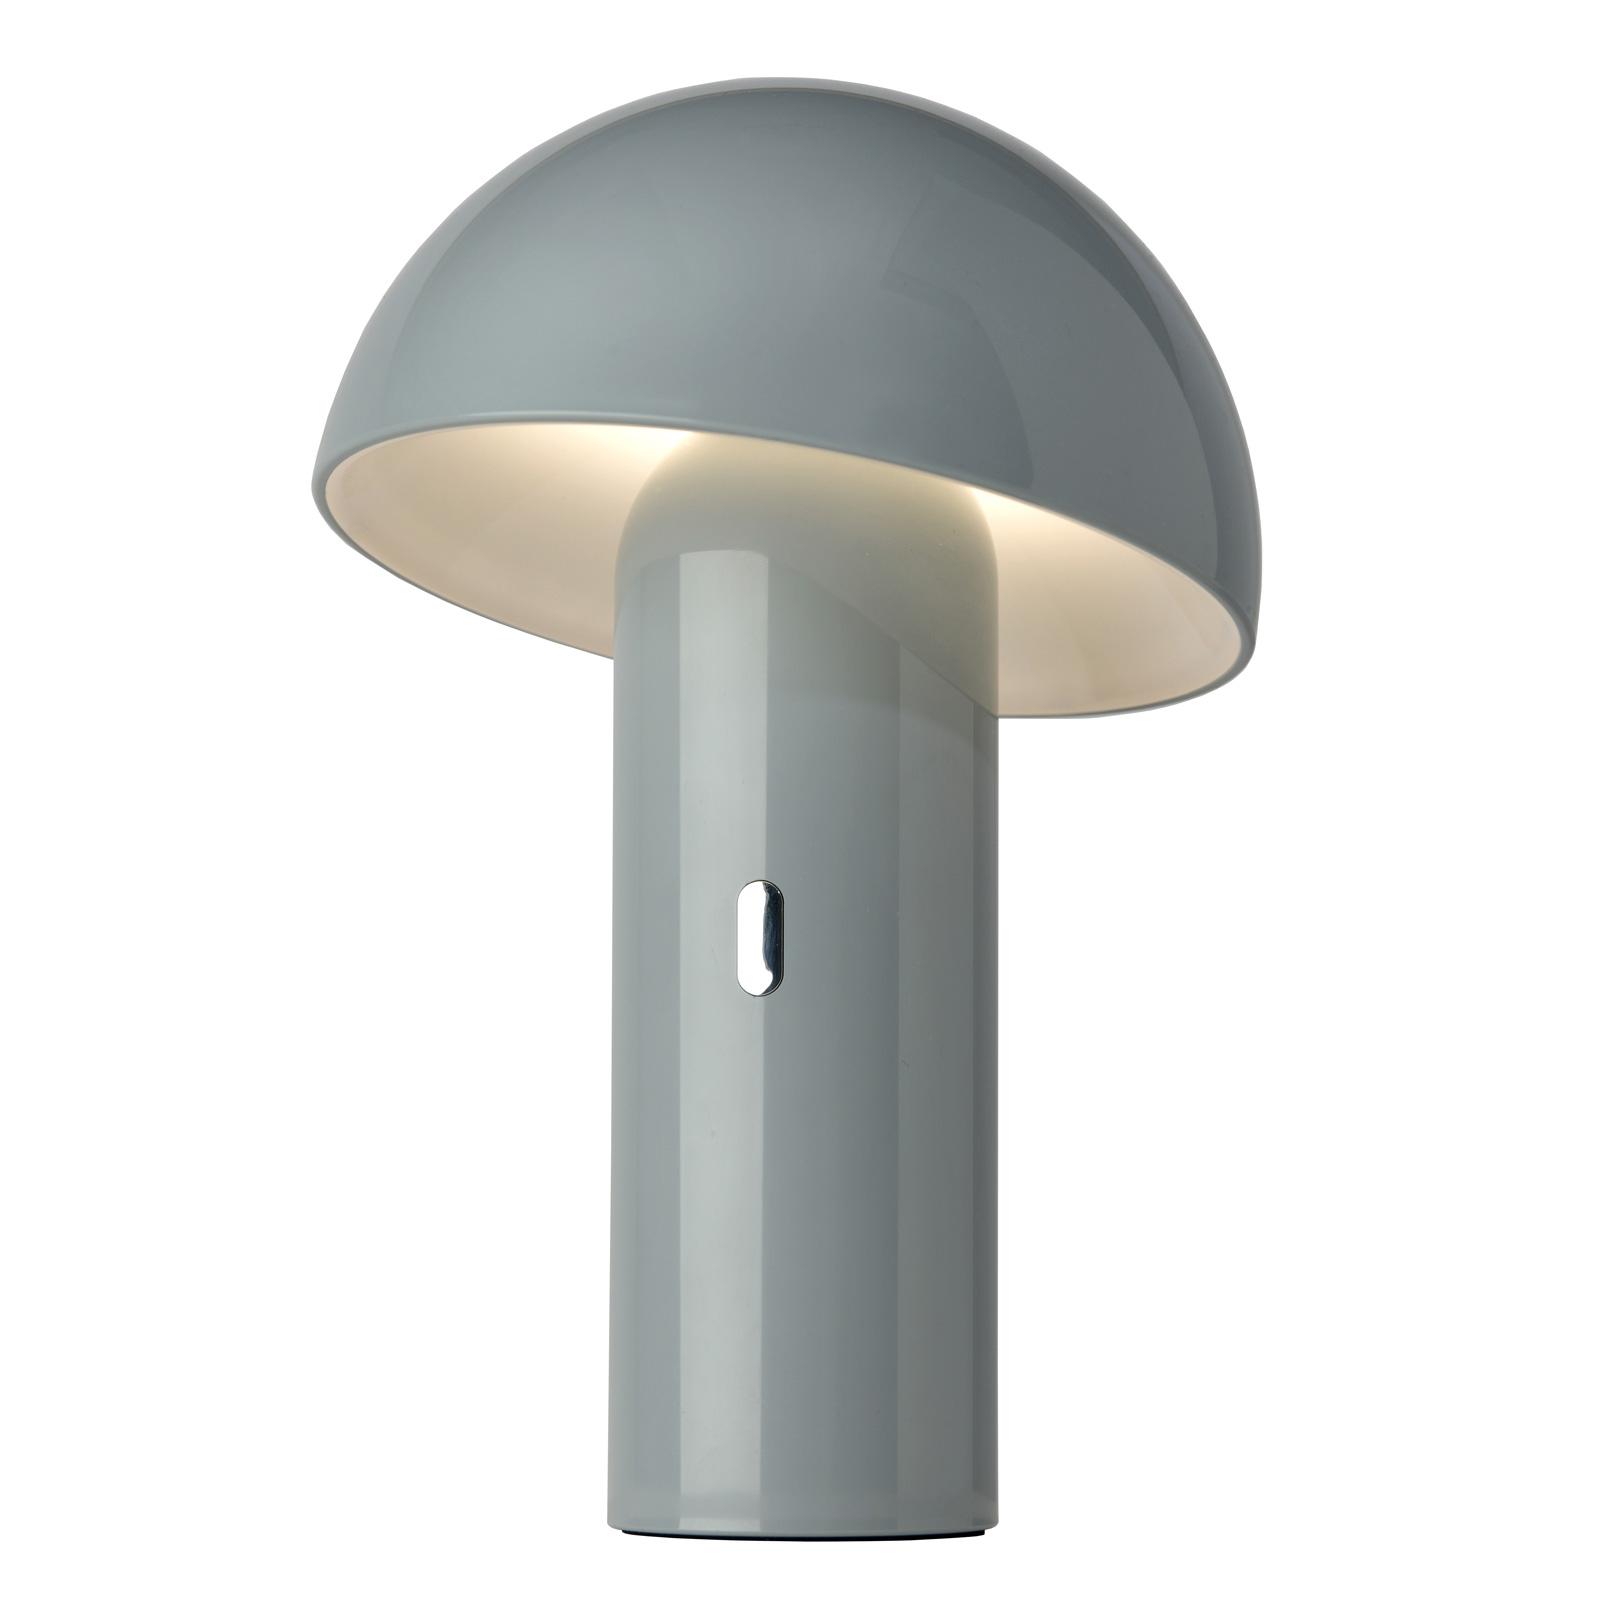 Svamp-LED-pöytälamppu, akku, harmaa